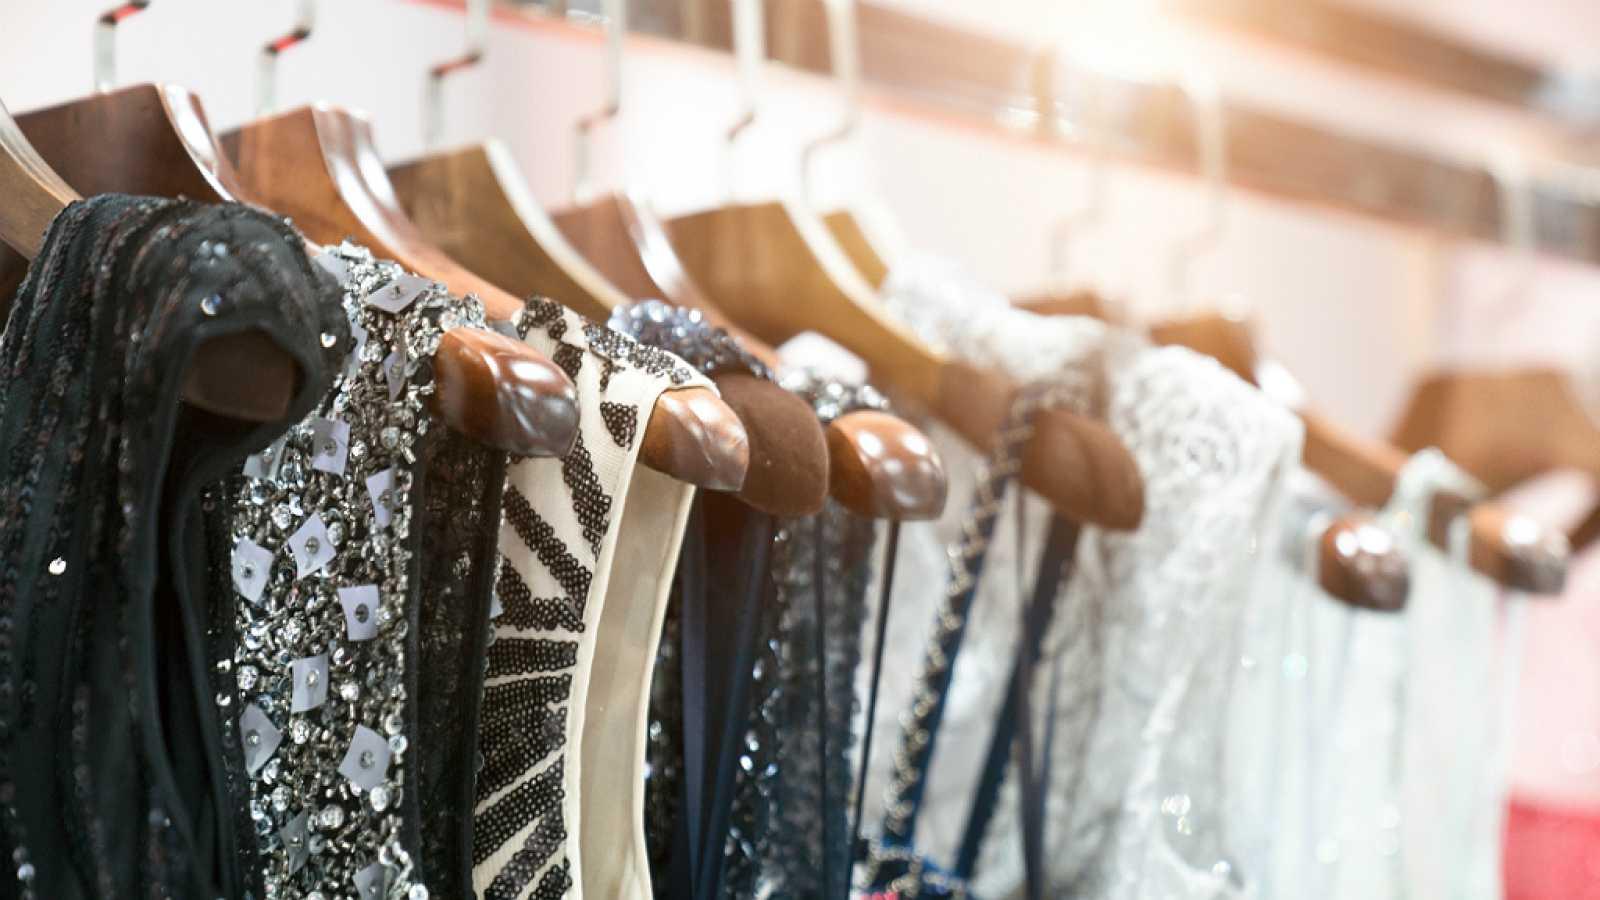 Espacio para la responsabilidad - Foro Social de la Industria de la Moda de España - 10/04/18 - Escuchar ahora